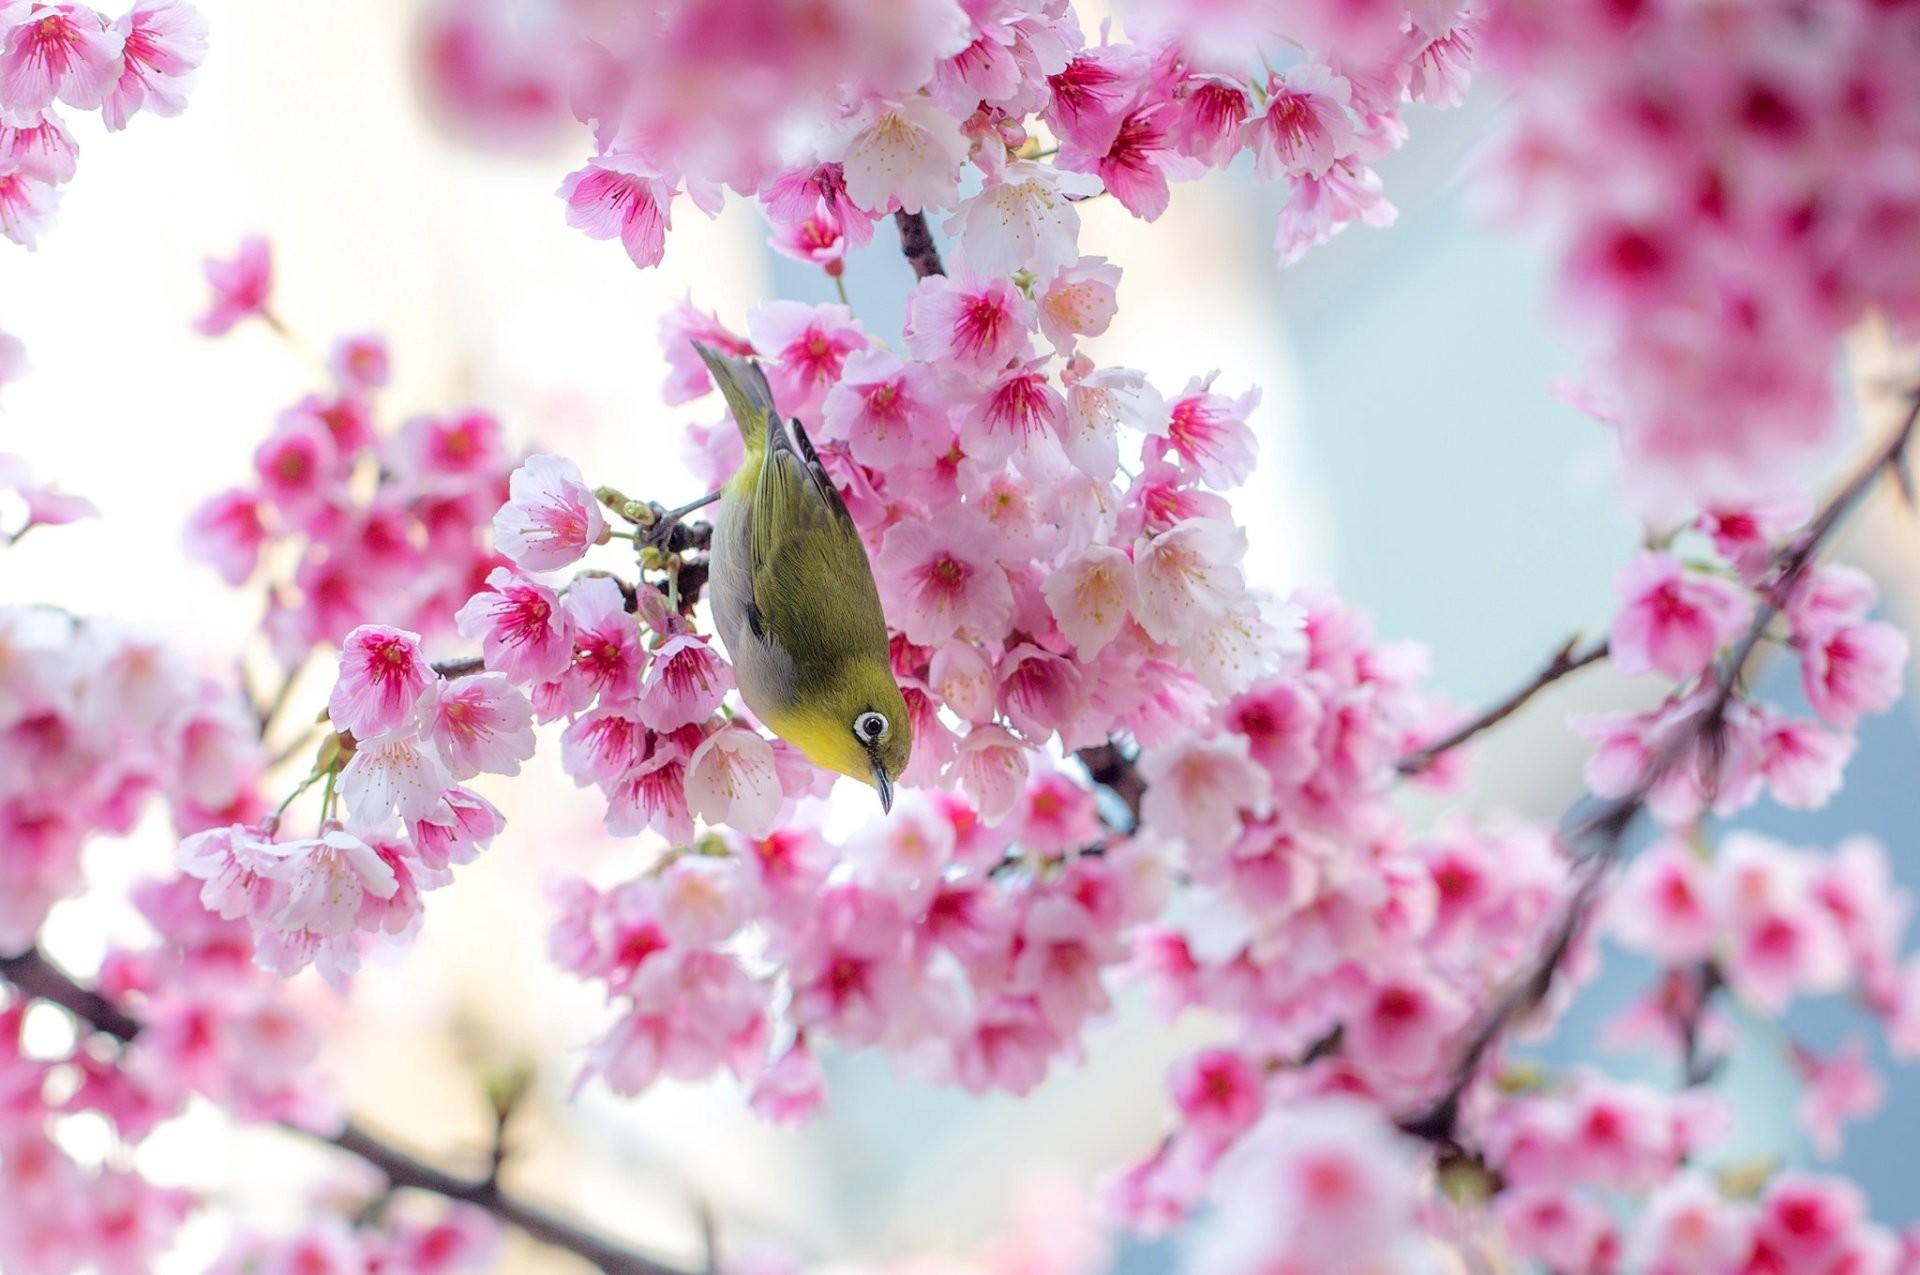 Bird Spring Sakura Cherry Blossom Wallpaper